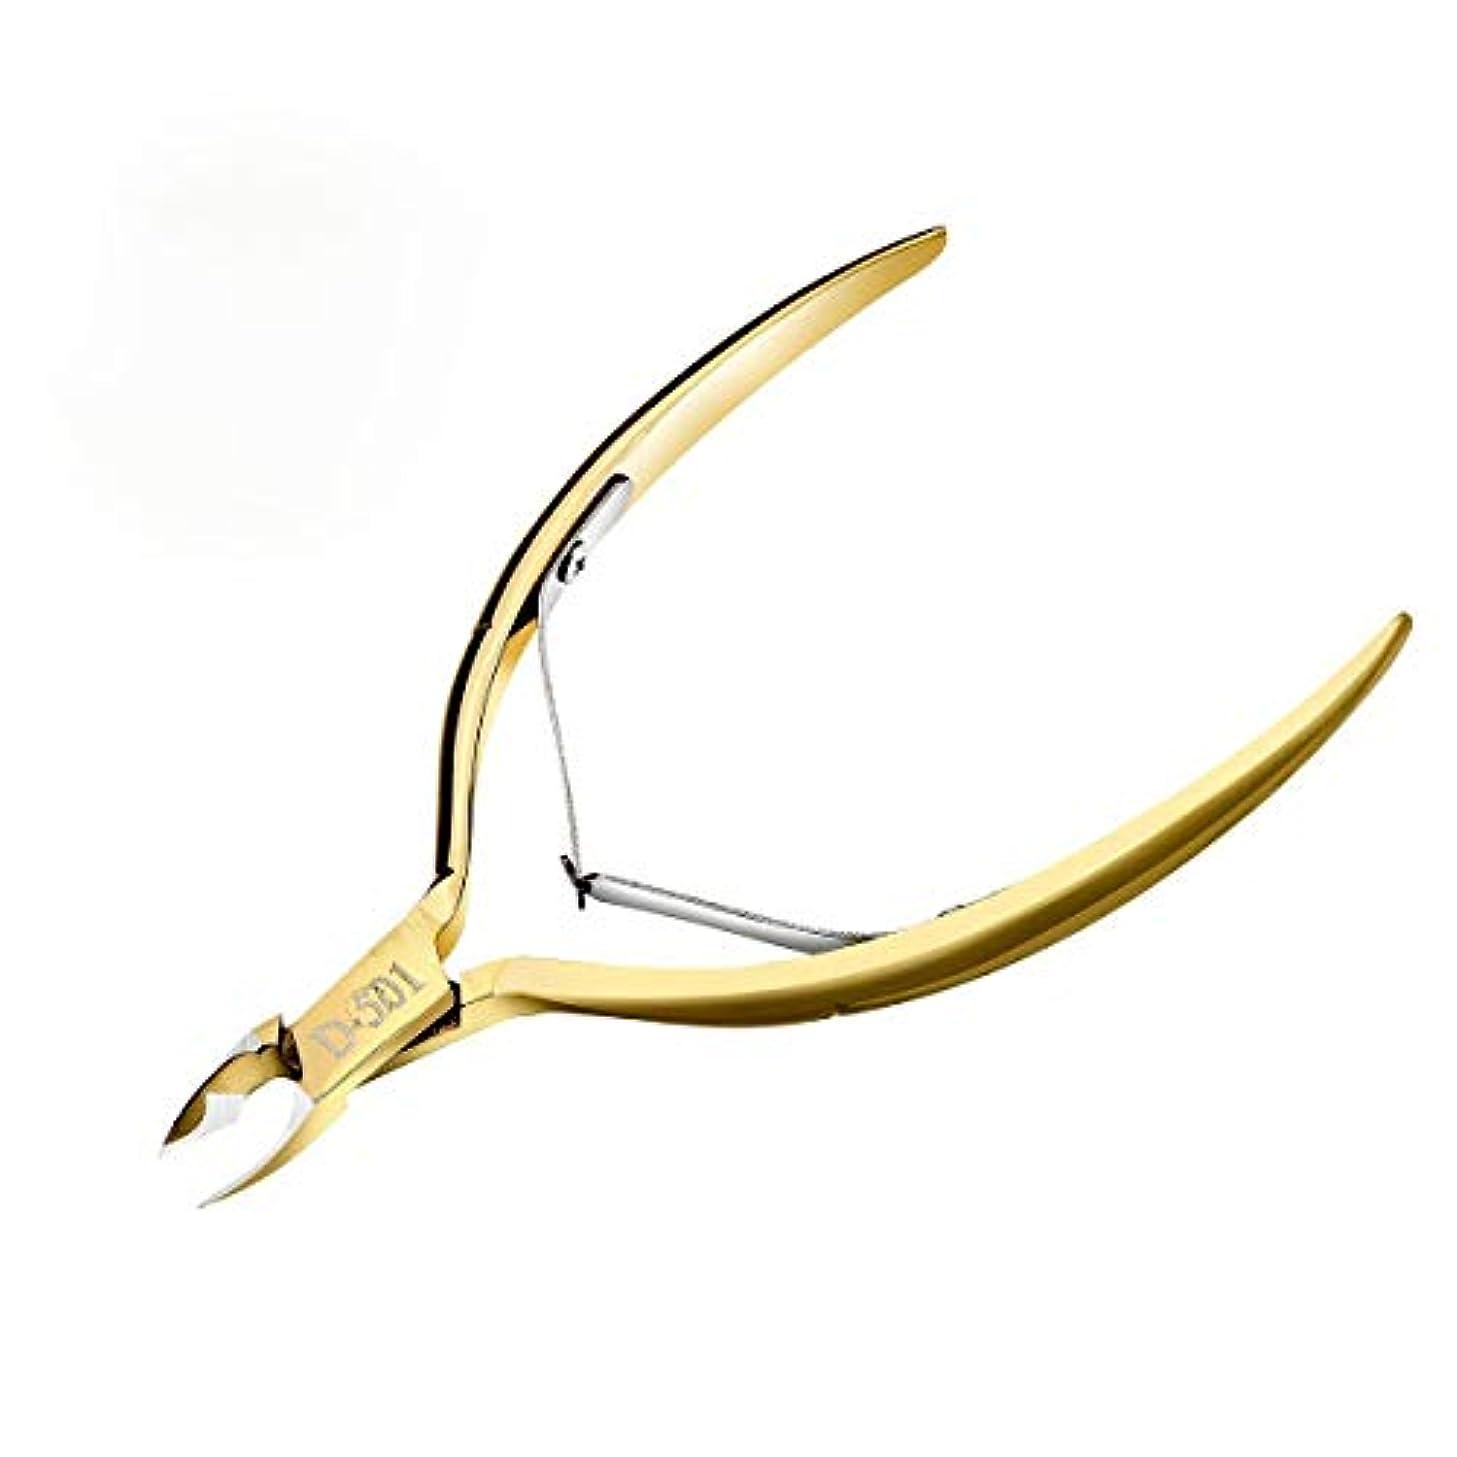 自発誘発する投資するMakartt® JAW1/4  キューティクルニッパー 甘皮切り ささくれニッパー ニッパー式爪切り 魚の目などの角質にも対応